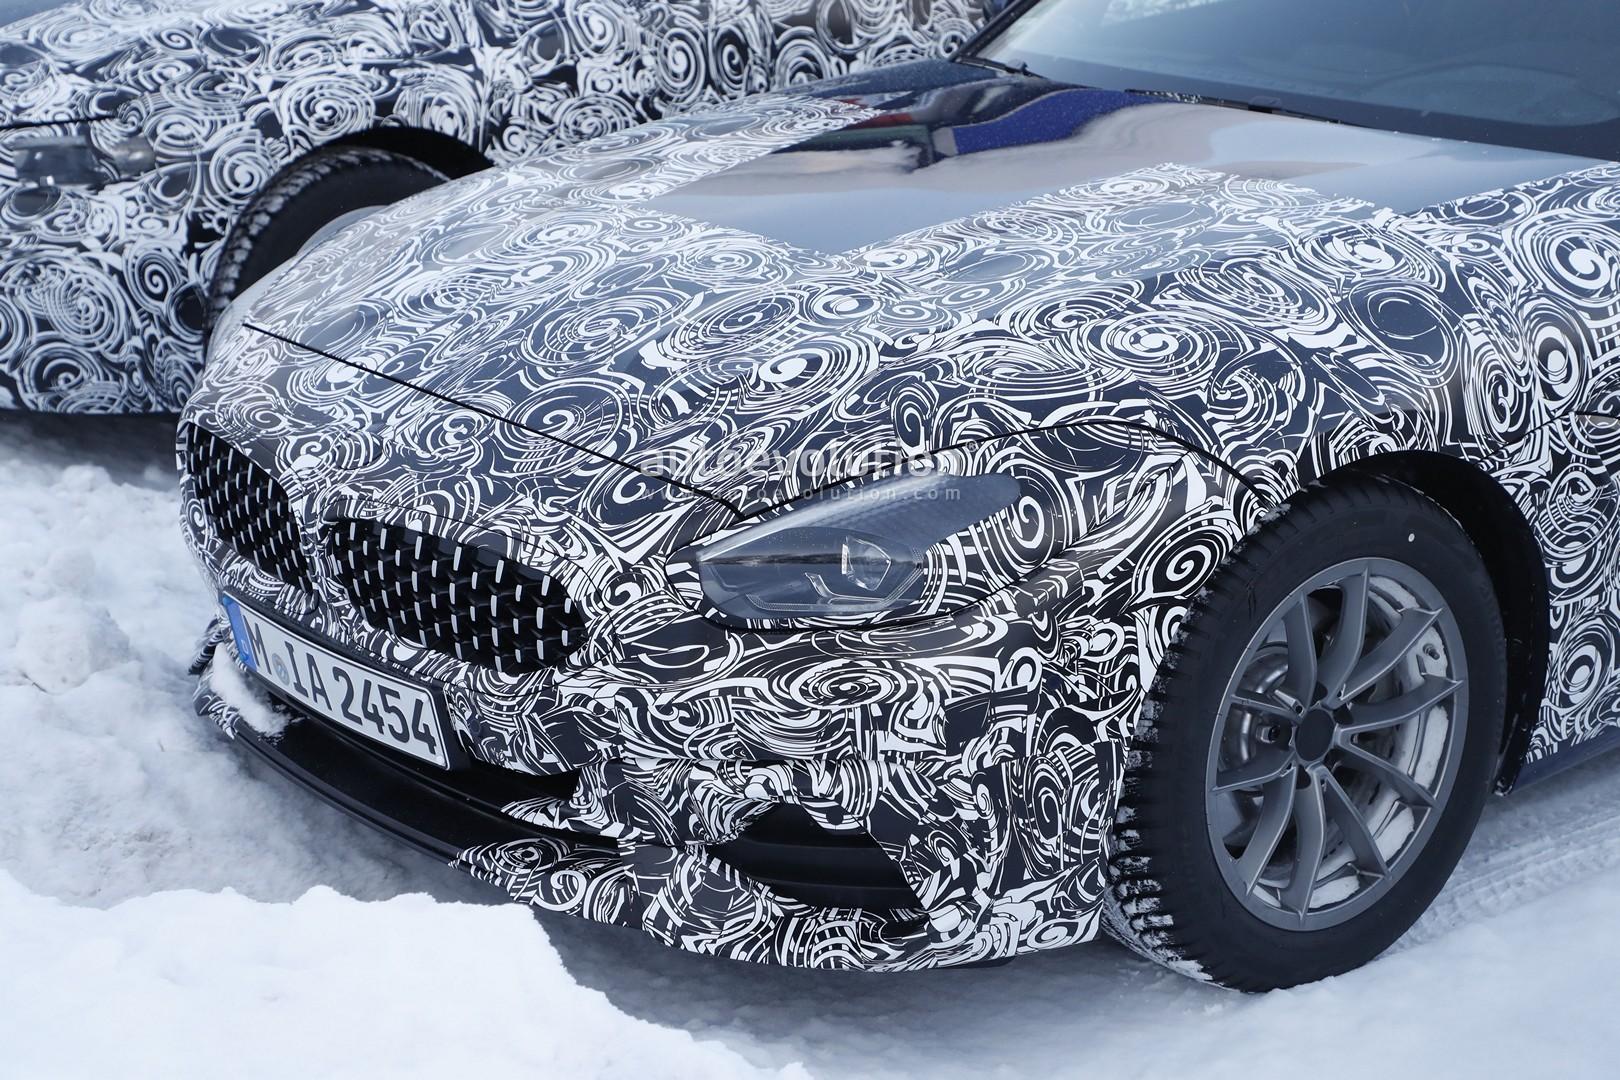 2019 BMW Z4 Spied Next to Toyota Supra and Next 3 Series ...